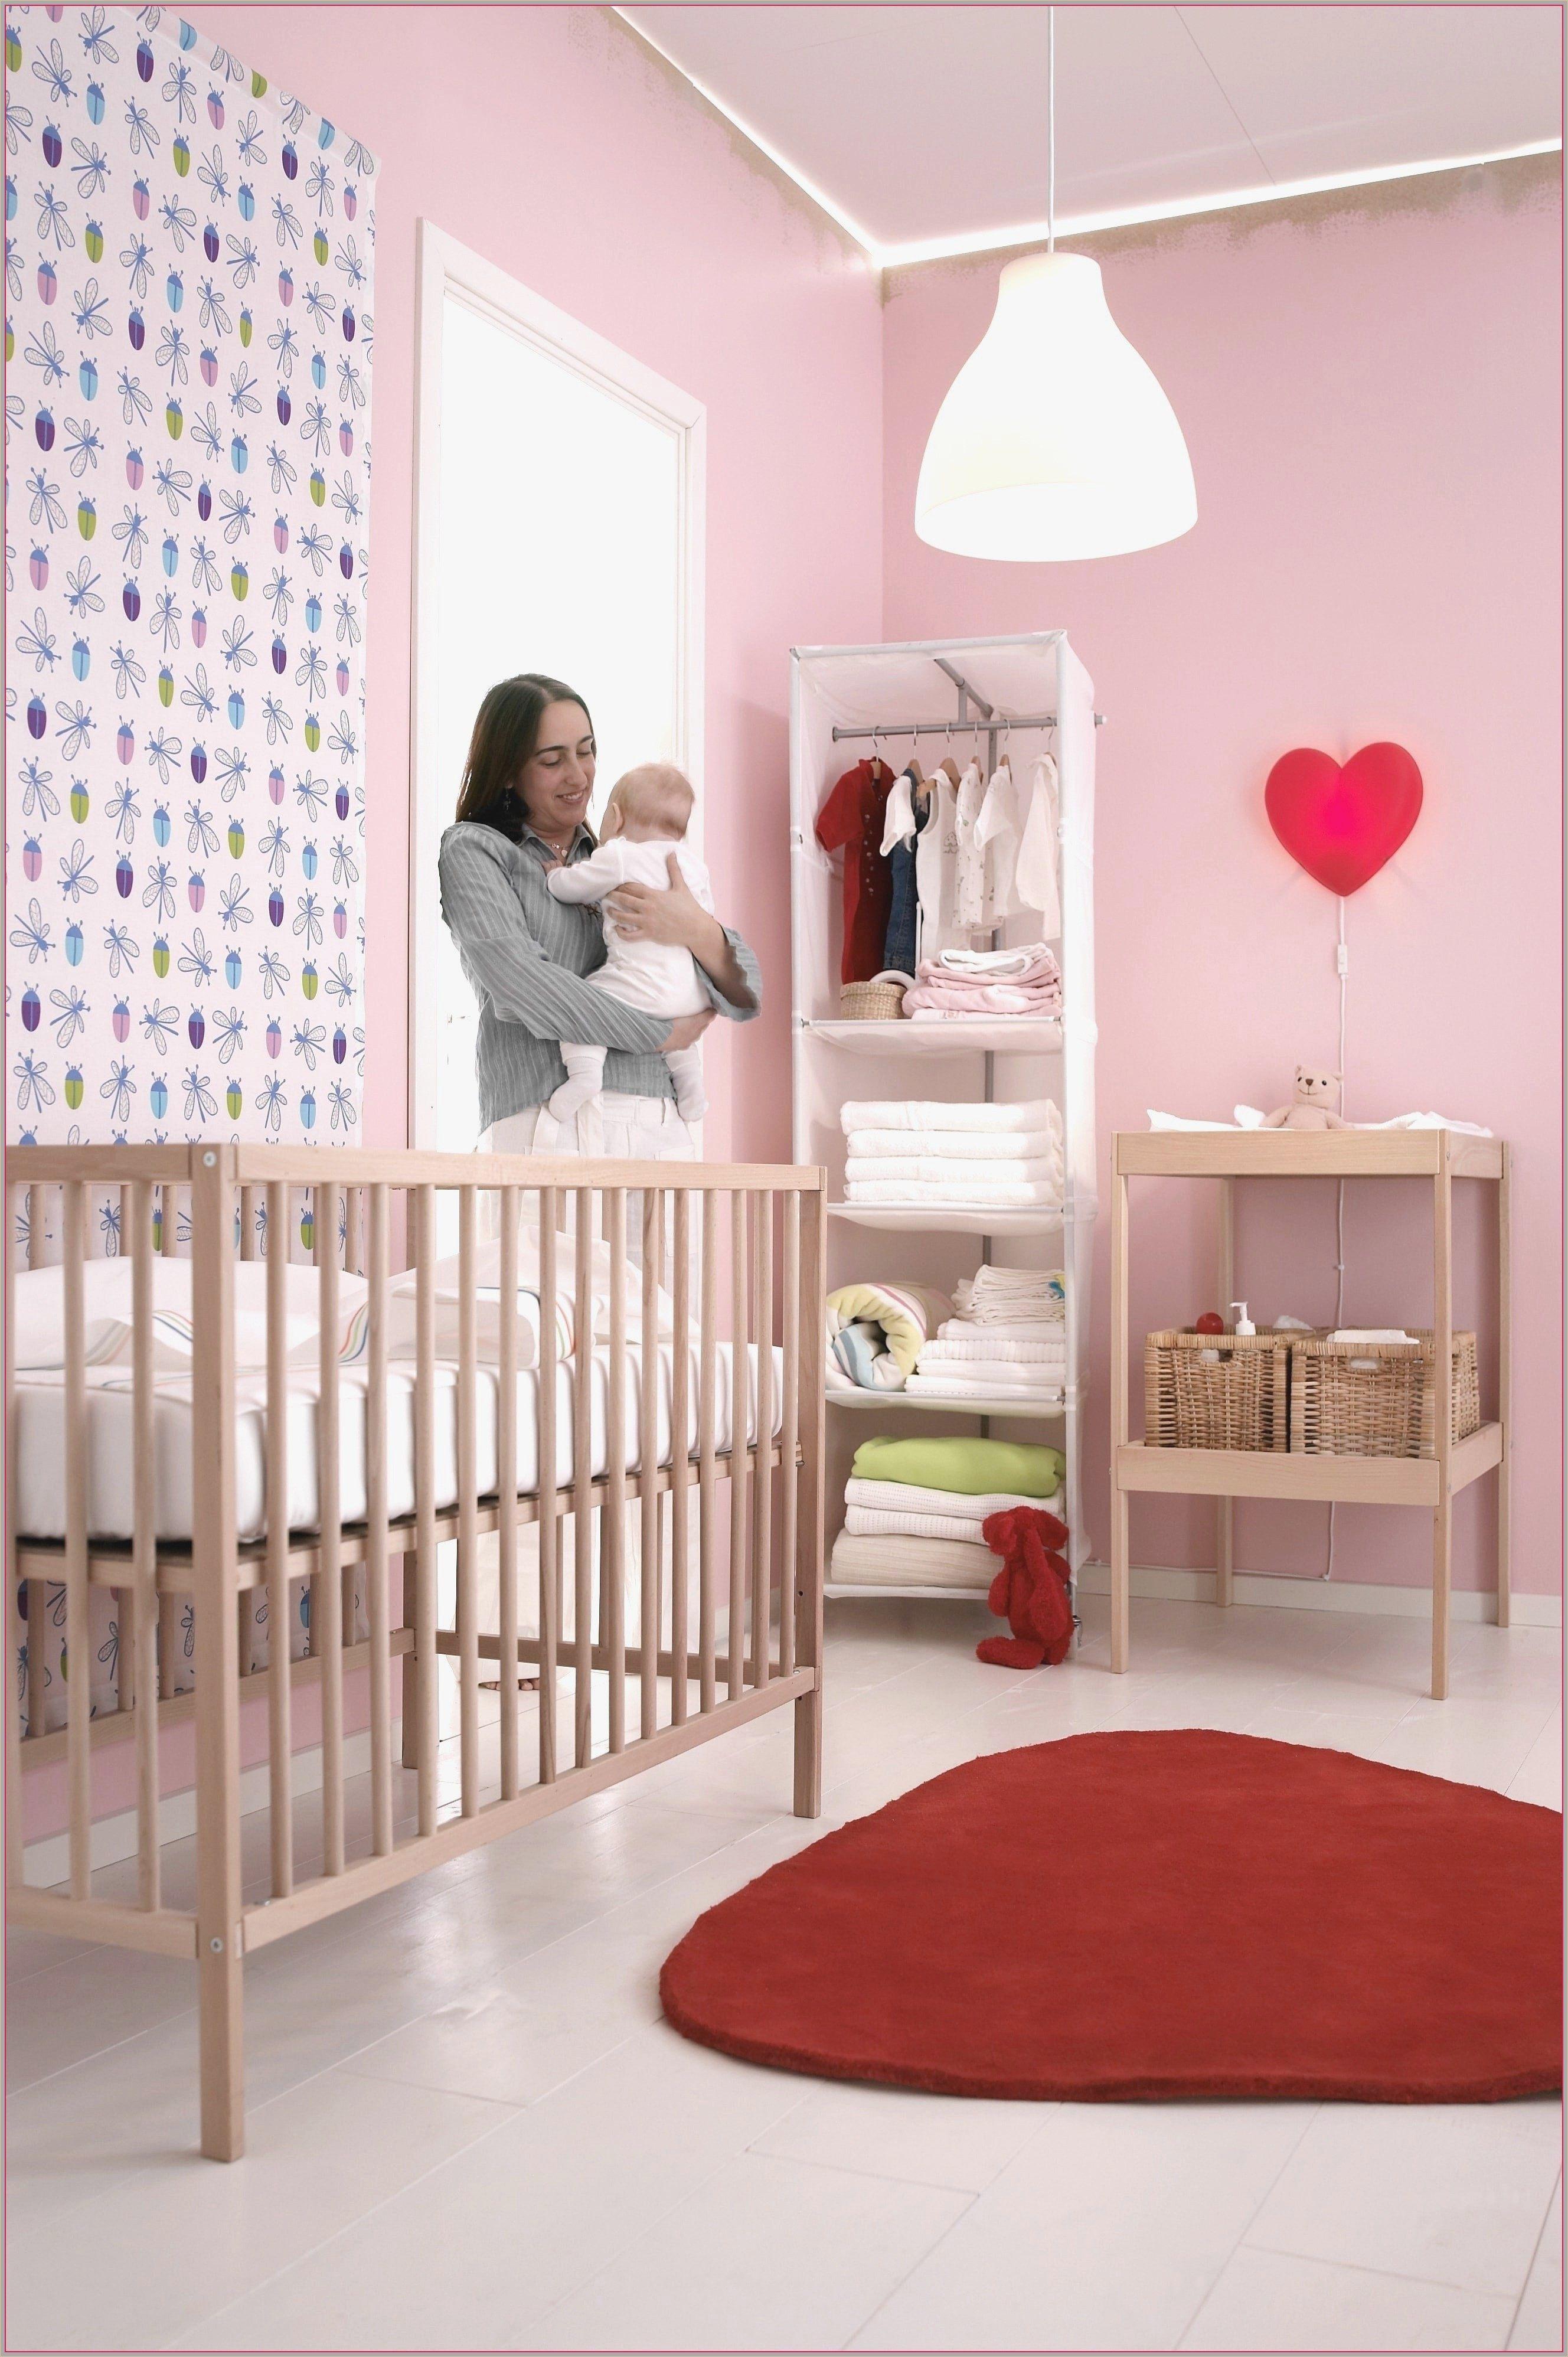 Lit Bébé Transparent Inspiré Baignoire Bébé Pliable Elegant Lit Bébé Pliant Frais Chaise Haute